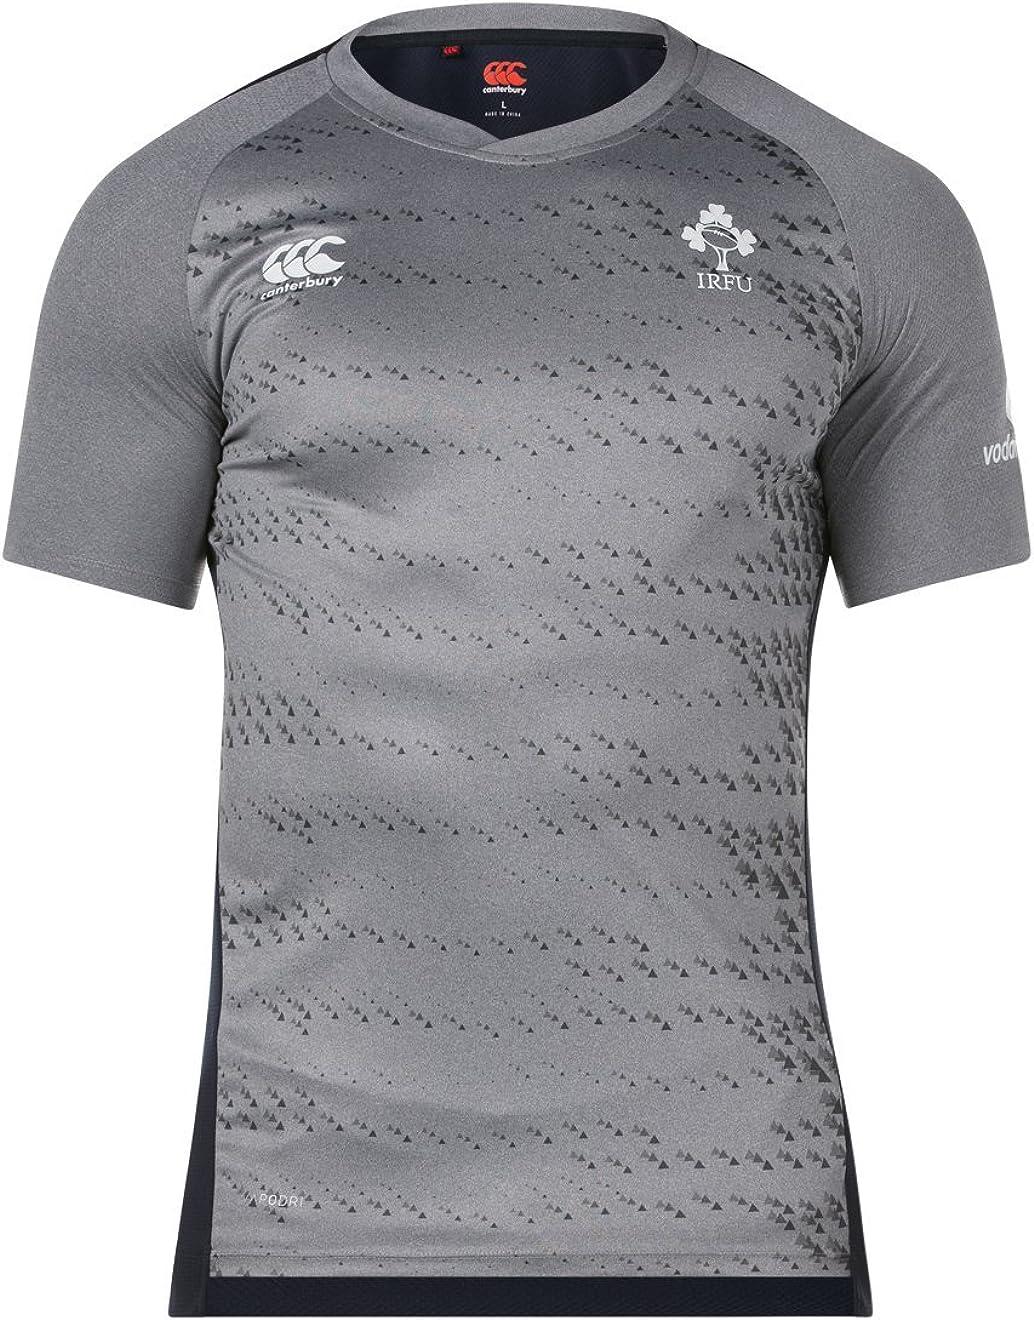 Canterbury Official Ireland 18/19 Vapodri Light - Camiseta Hombre: Amazon.es: Ropa y accesorios